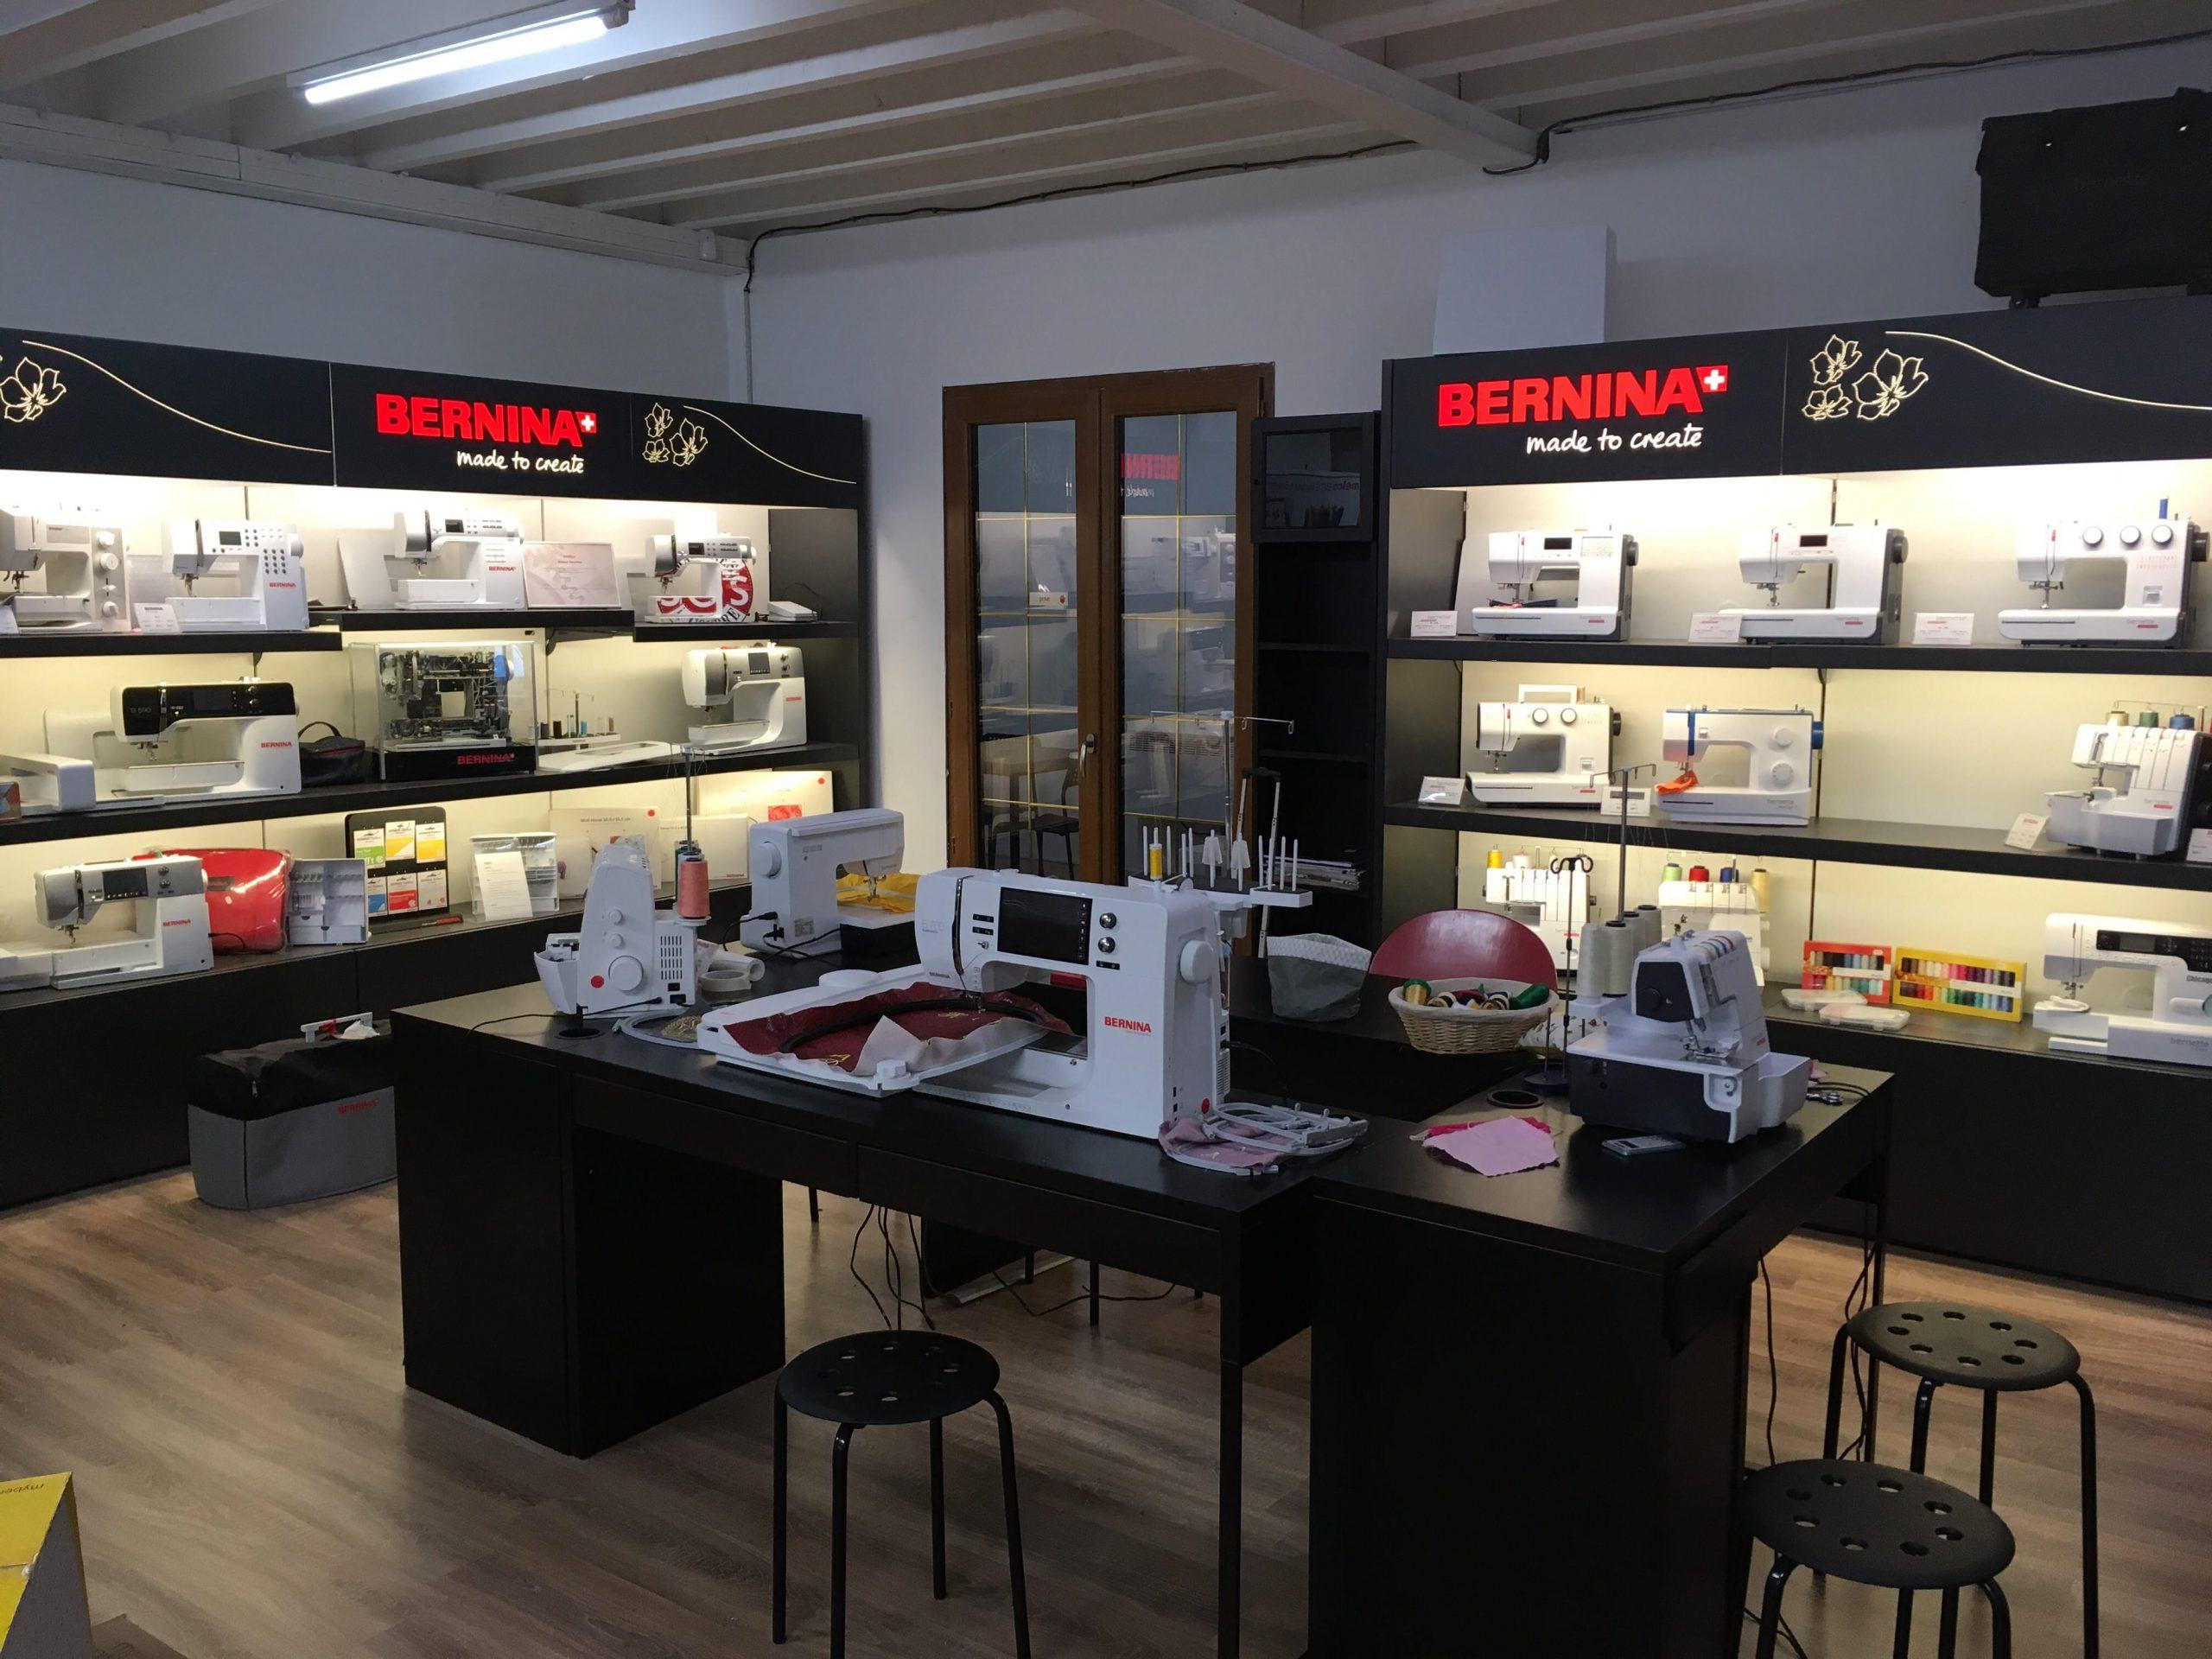 Revendeur exclusif de machines à coudre Bernina